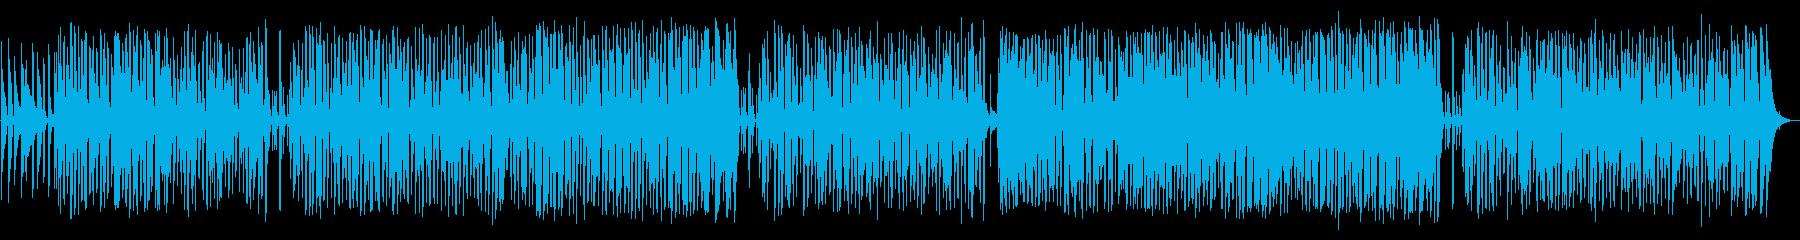 ピアノが印象的なスムースジャズの再生済みの波形